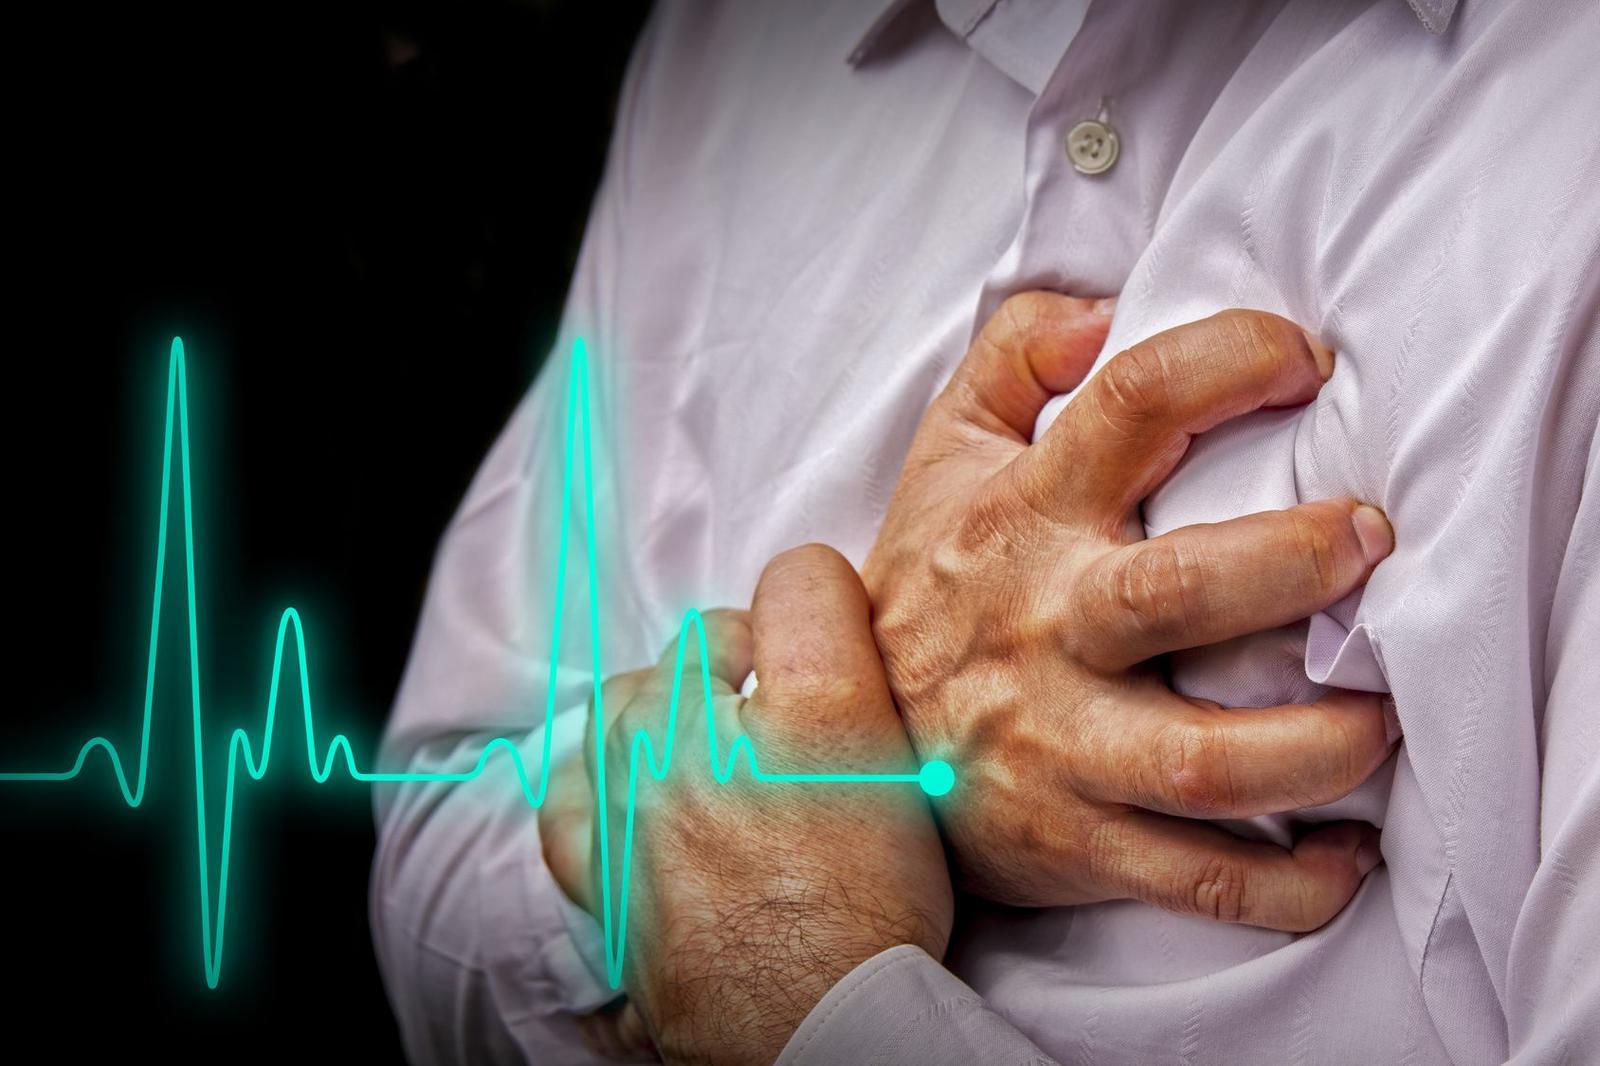 hipertenzija gyvena sveikai ar hipertenzijai buvo naudojamas Reljefas